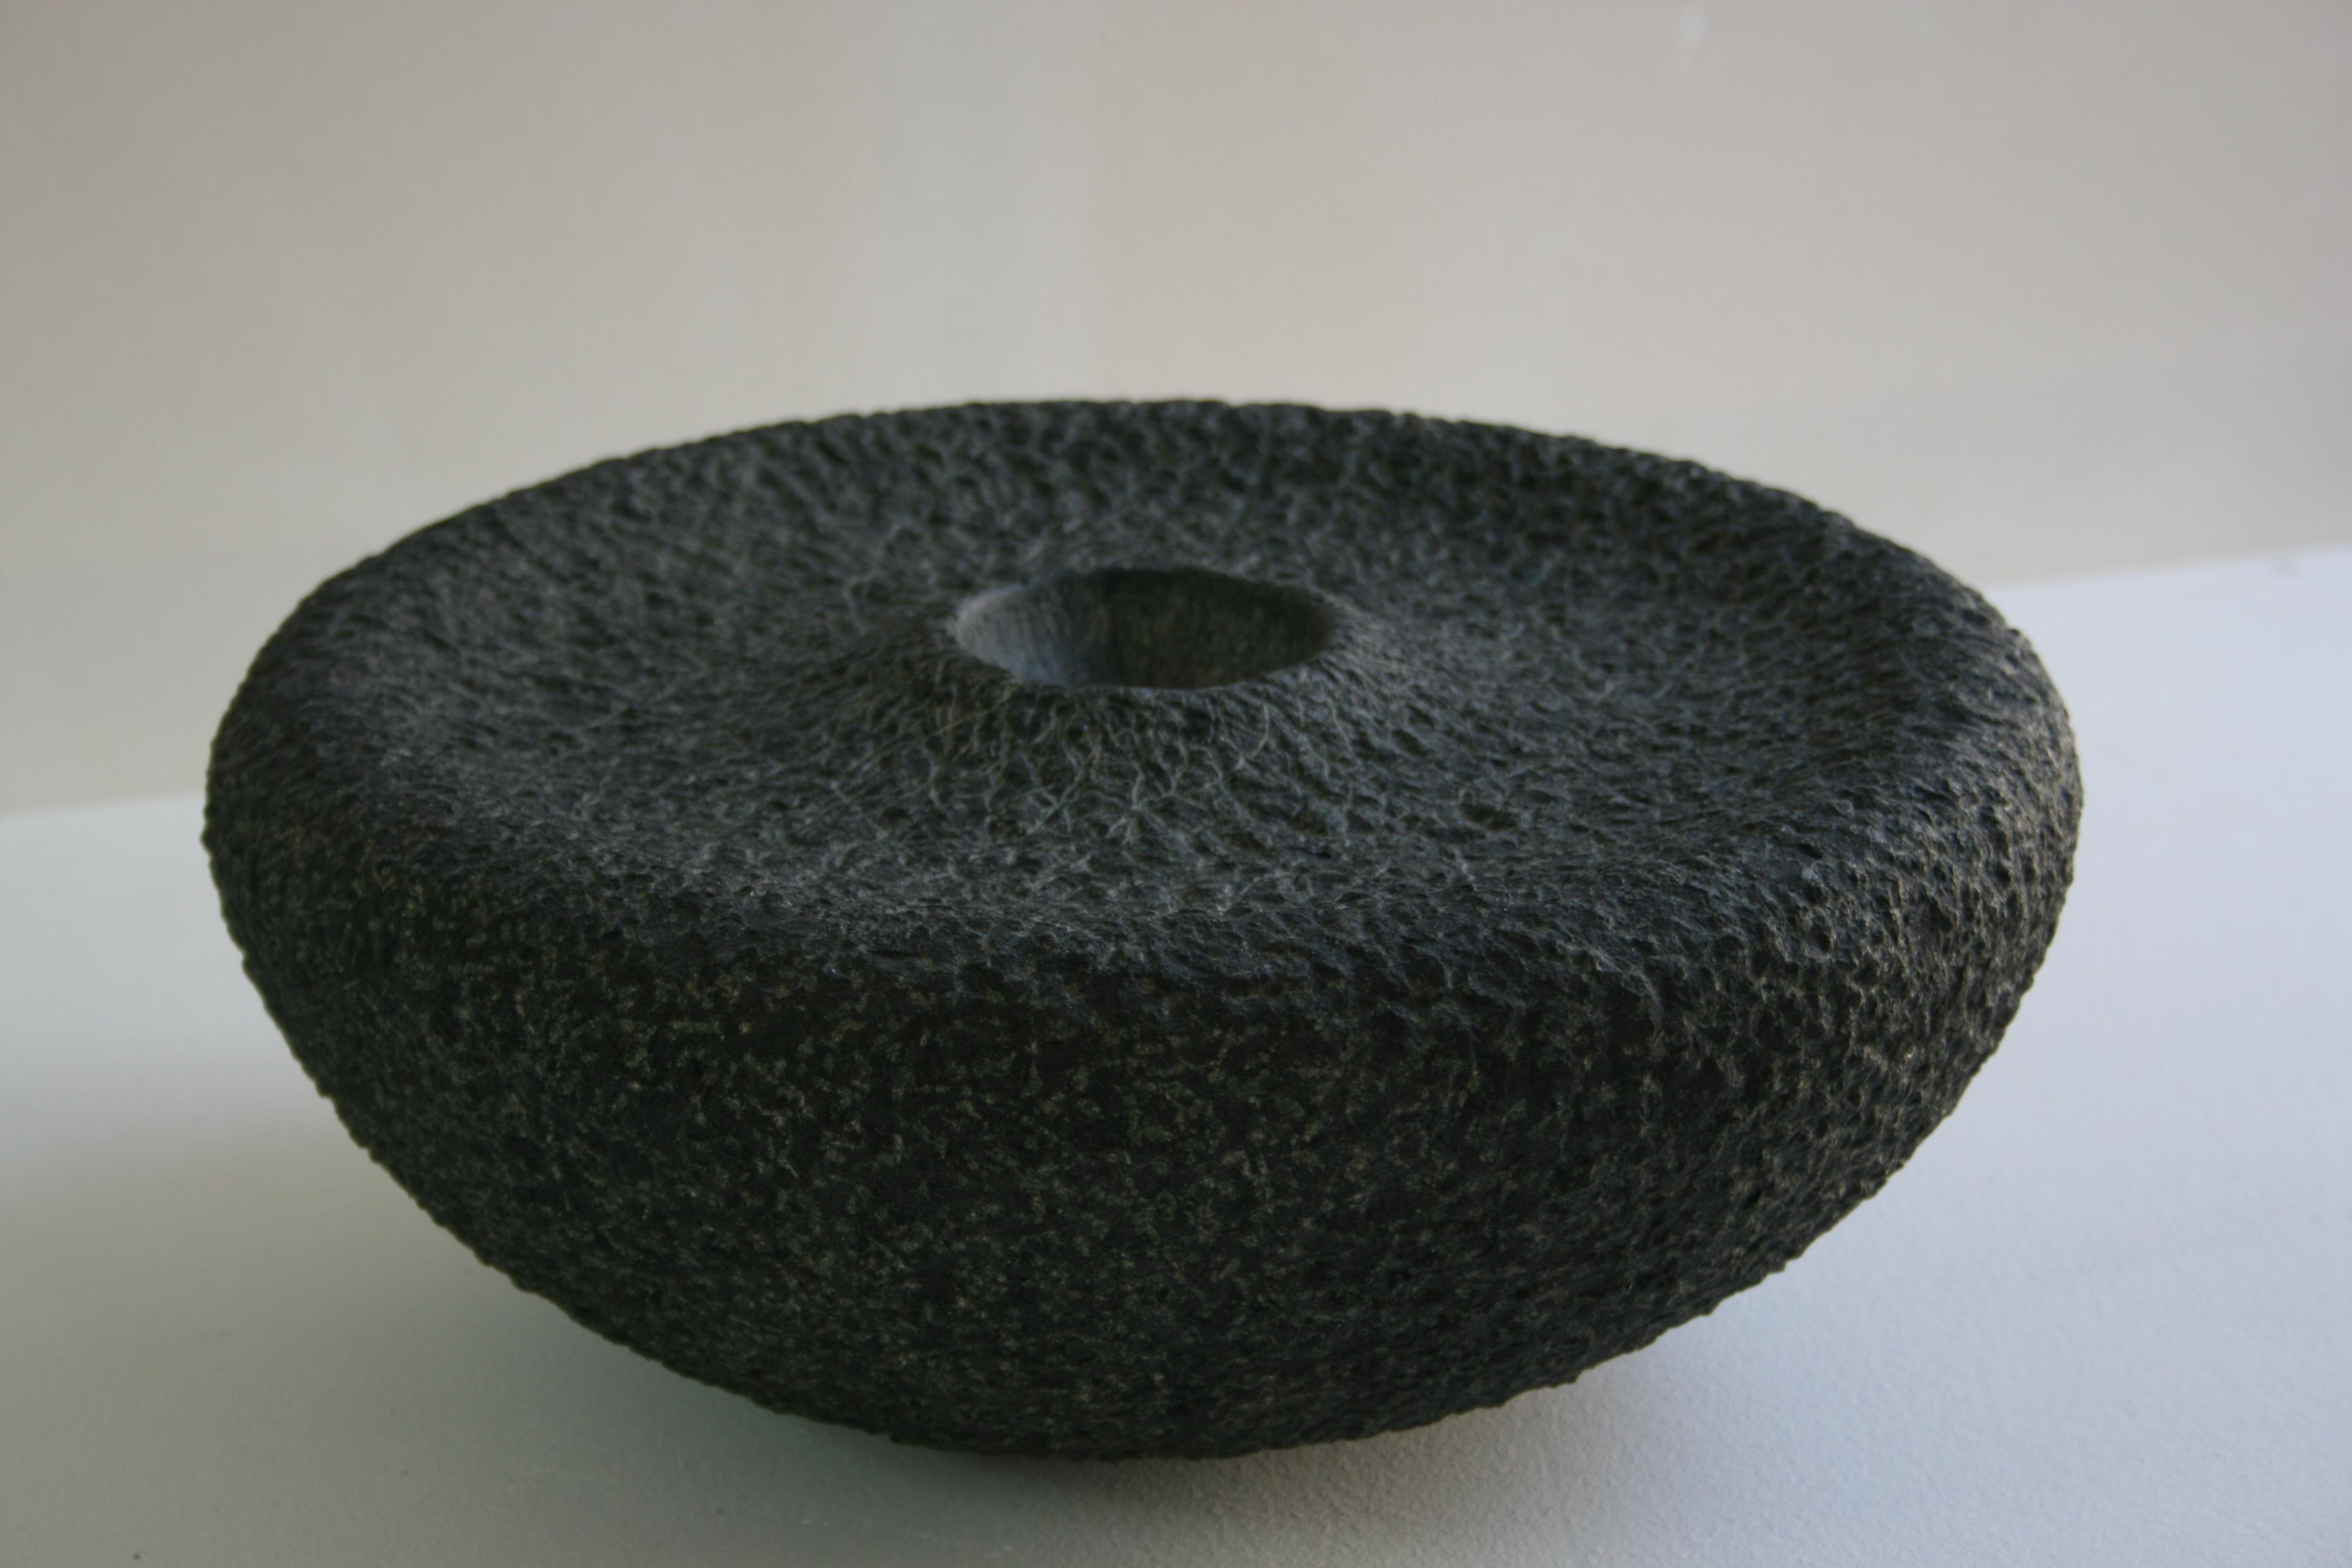 Regina Schnersch, Ohne Titel, 2006, Diabas, 36 x 36 x 15 cm